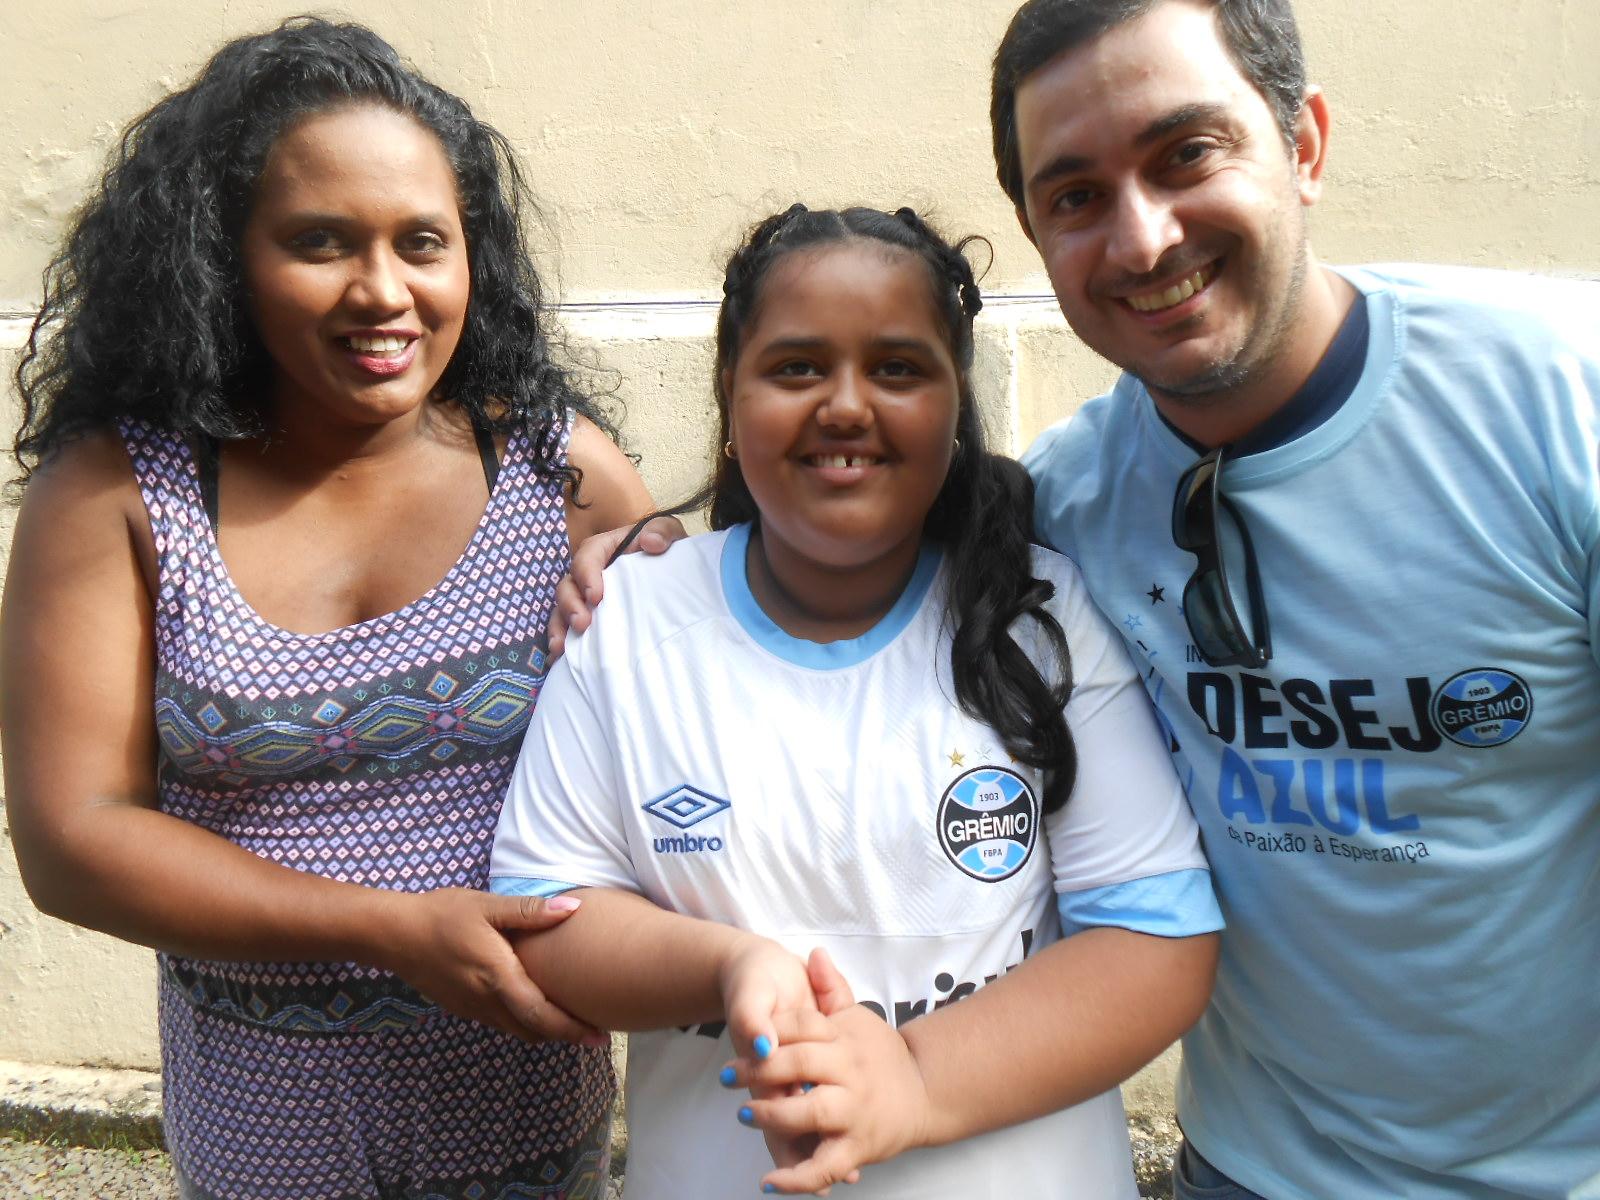 Júlia mora em Porto Alegre e queria ganhar uma camiseta do Grêmio. Uma camiseta oficial, dessas que os jogadores usam no campo. E com a colaboração do voluntário Cristiano Viana levamos até a residência da menina uma camiseta branca oficial do tricolor,para a a alegria da Júlia, sua mãe e sua avó.